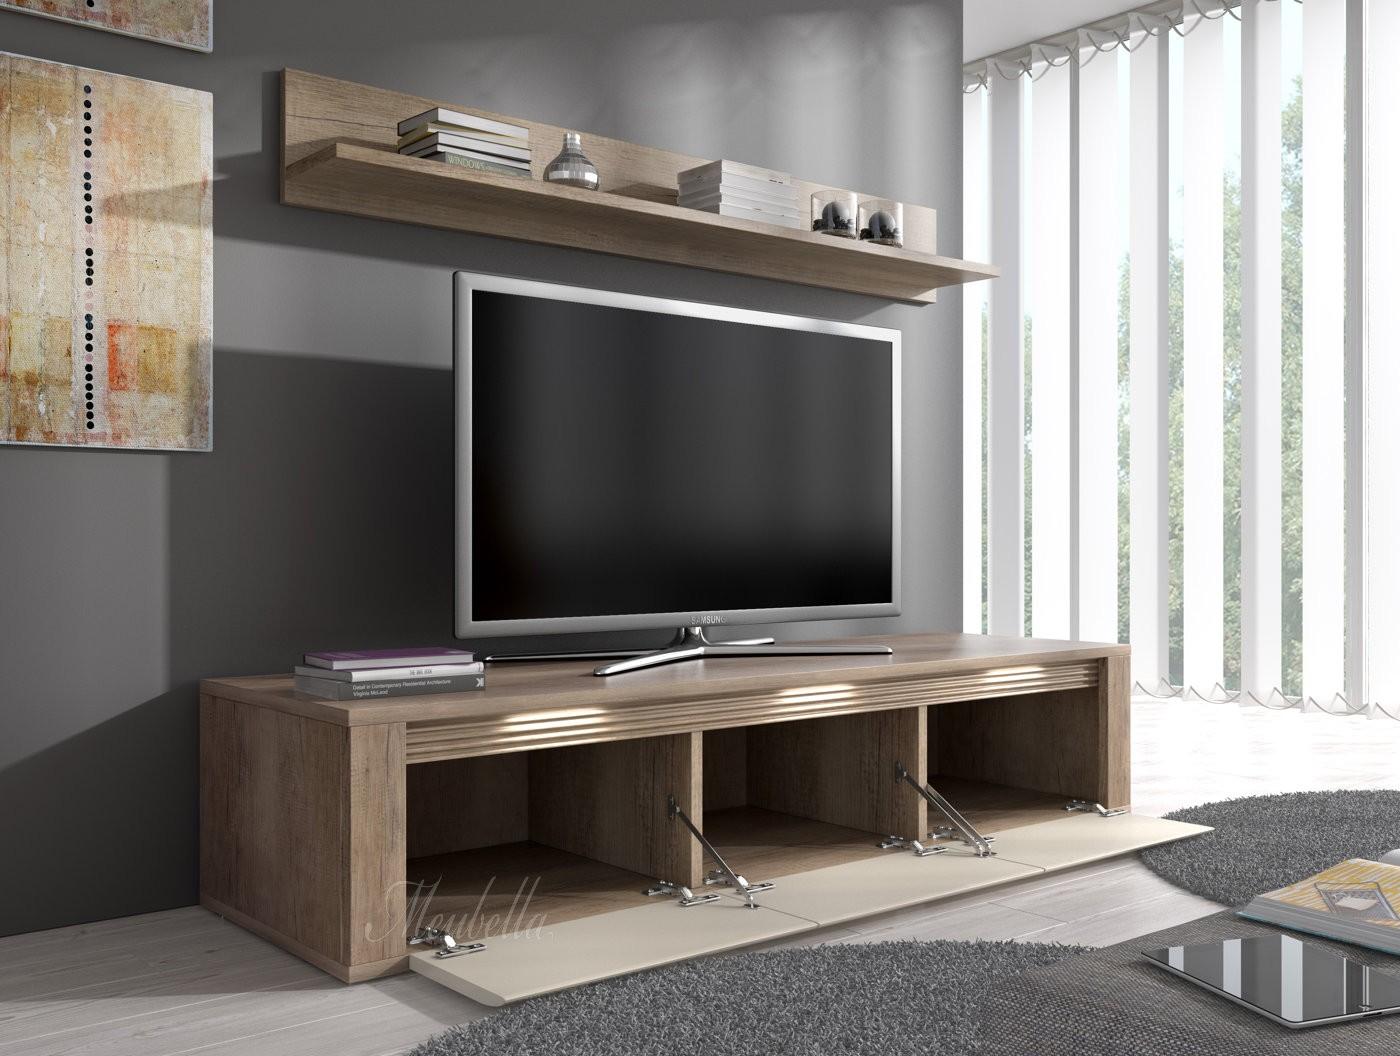 TV-Meubel Camara + wandplank - Grijs Eiken - Creme - 154 cm | Meubella